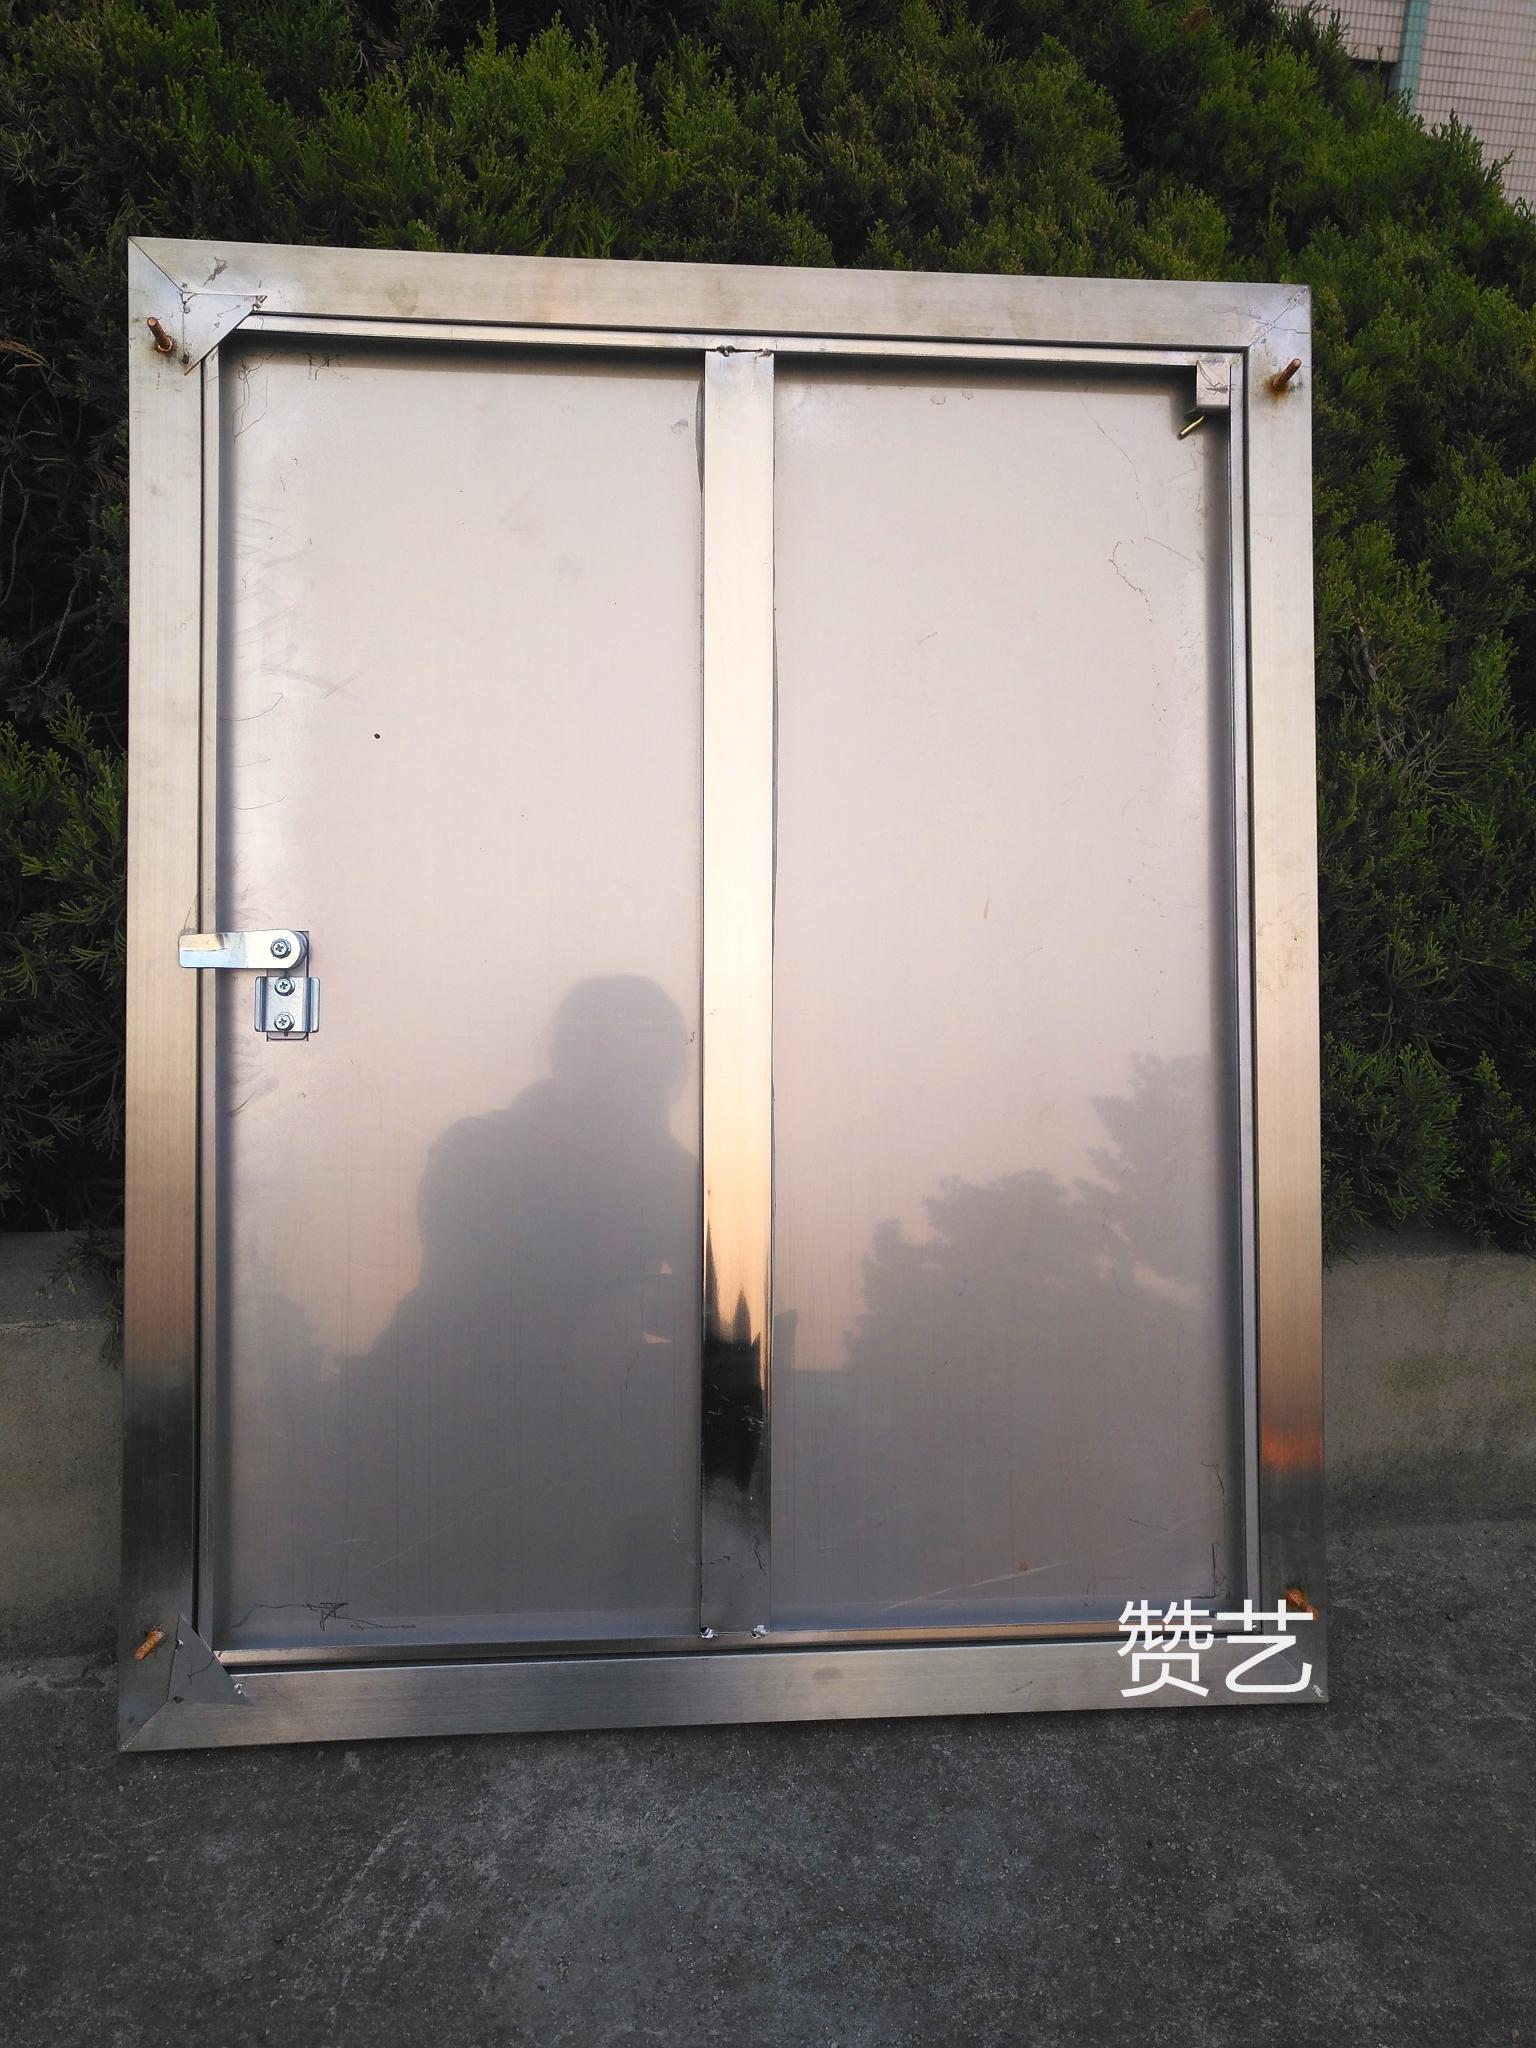 不锈钢消火栓箱门消防栓箱门消防门框消防箱门框厂家直销